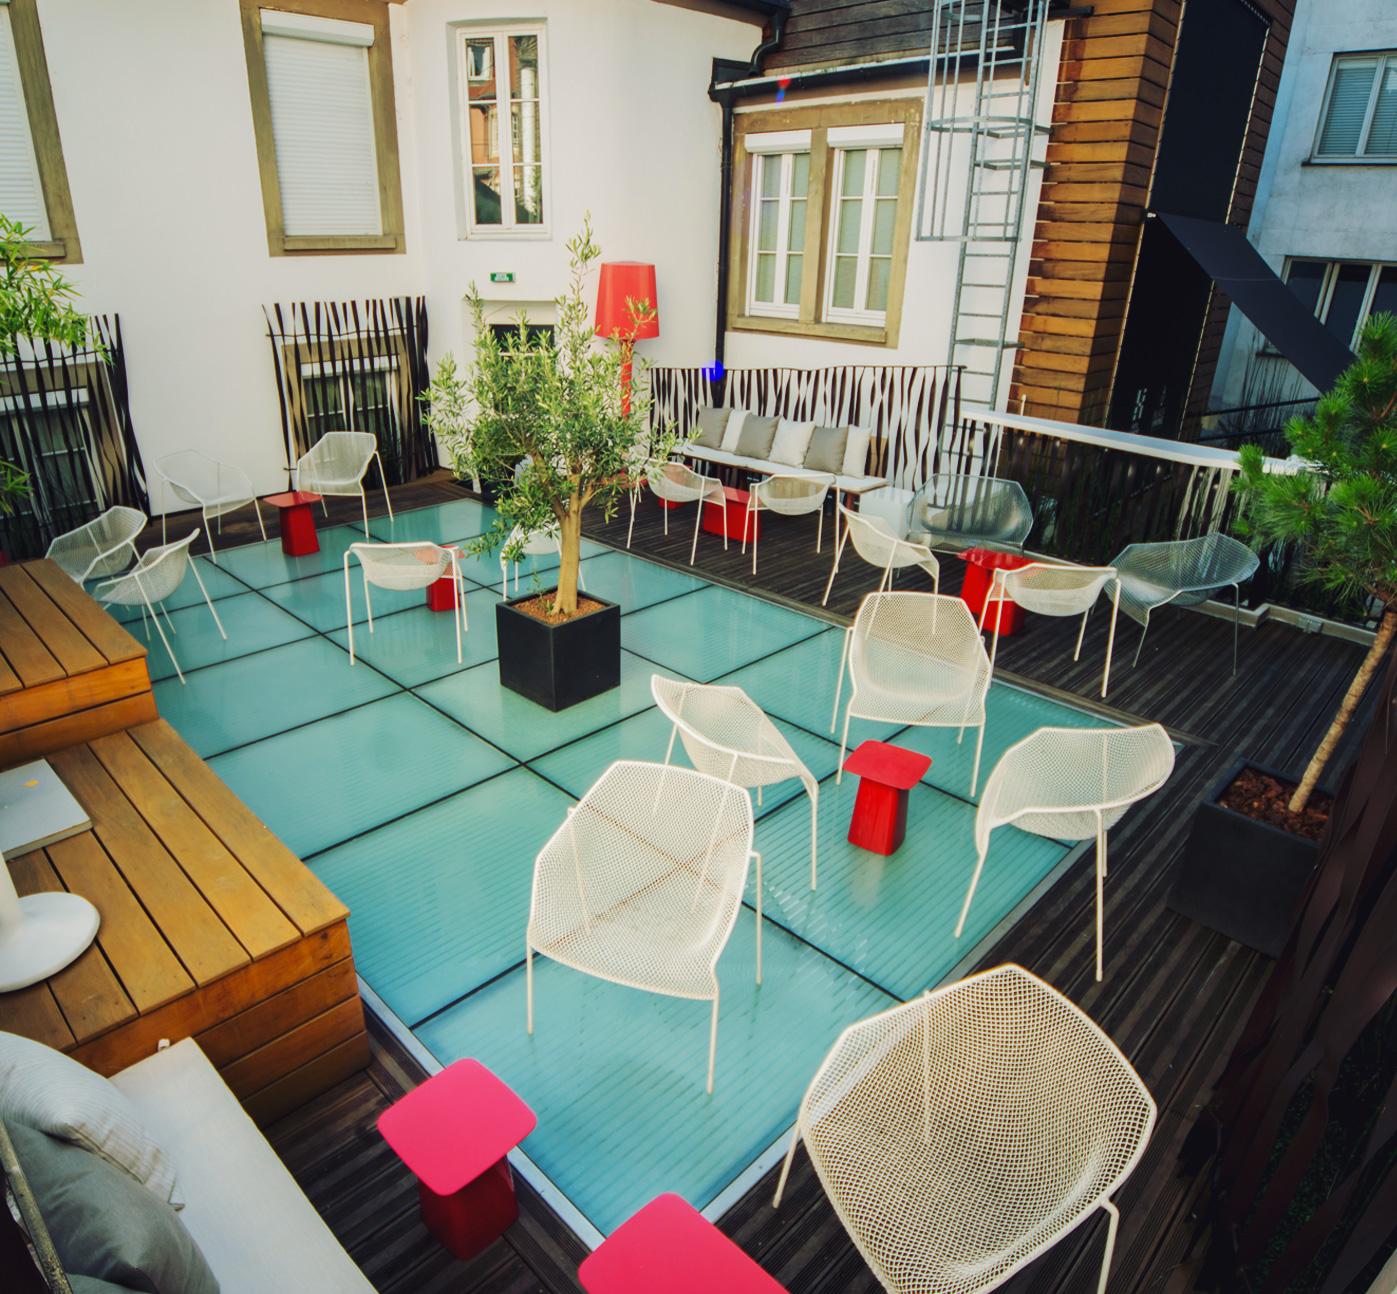 Rooftop Cocktail Bar The Best Kept Secret In Strasbourg